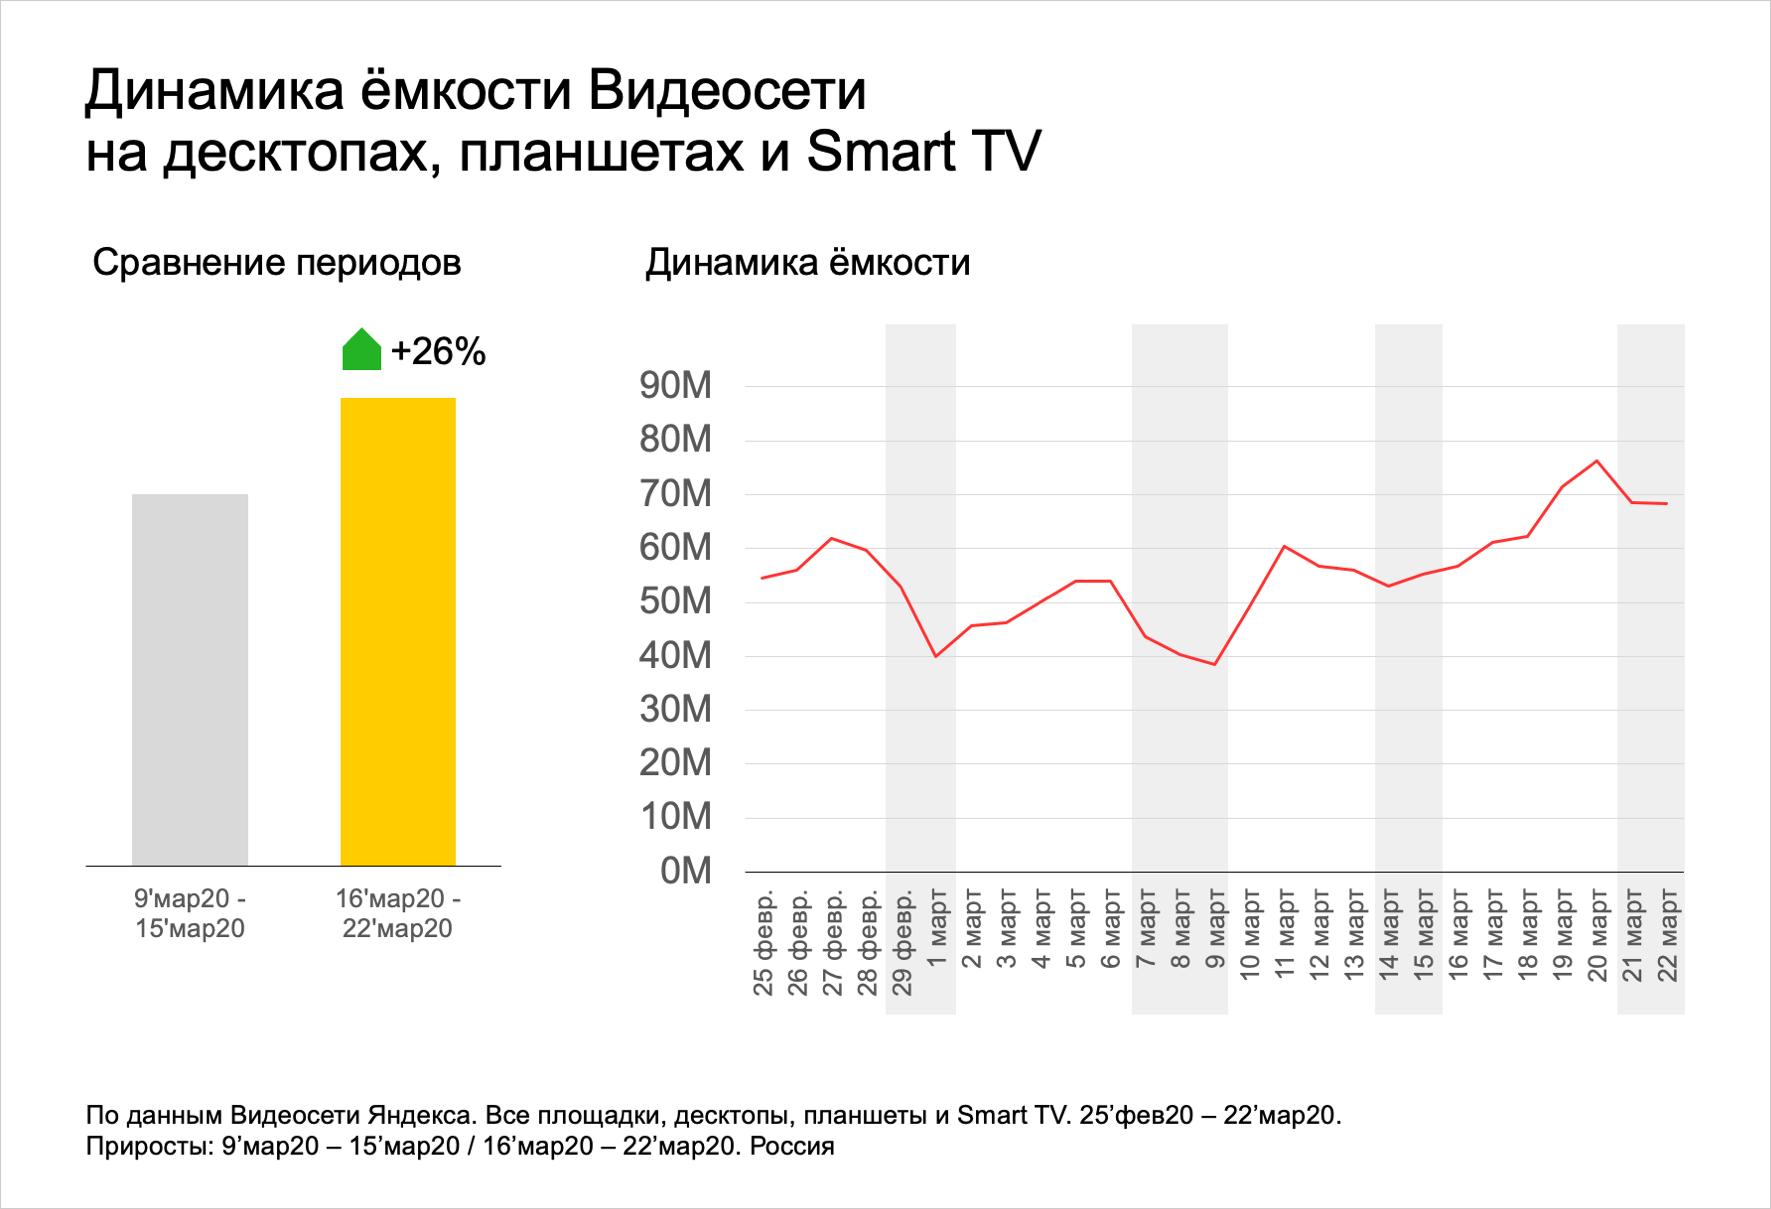 Рост количества просмотров на смарт-тв и десктопах